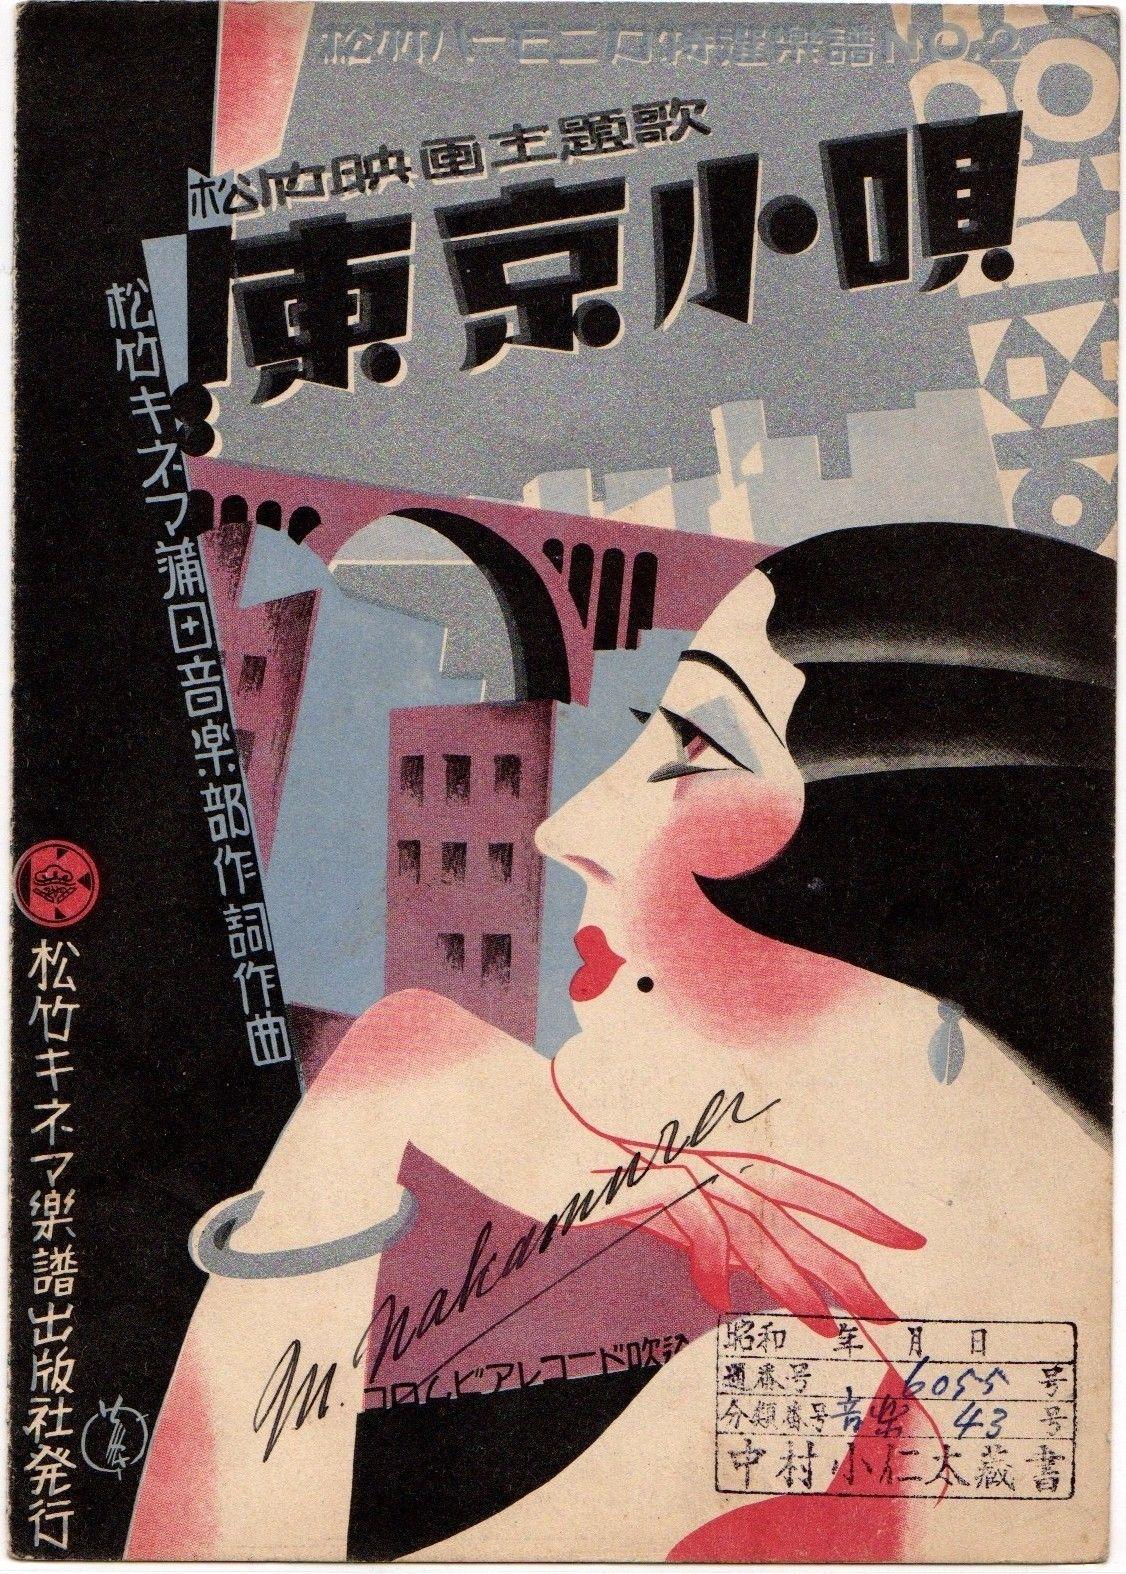 「東京小唄」楽譜 1930年(生田 誠氏提供)    花王シャンプー 1932年発売(花王ミュージアム・資料室提供)